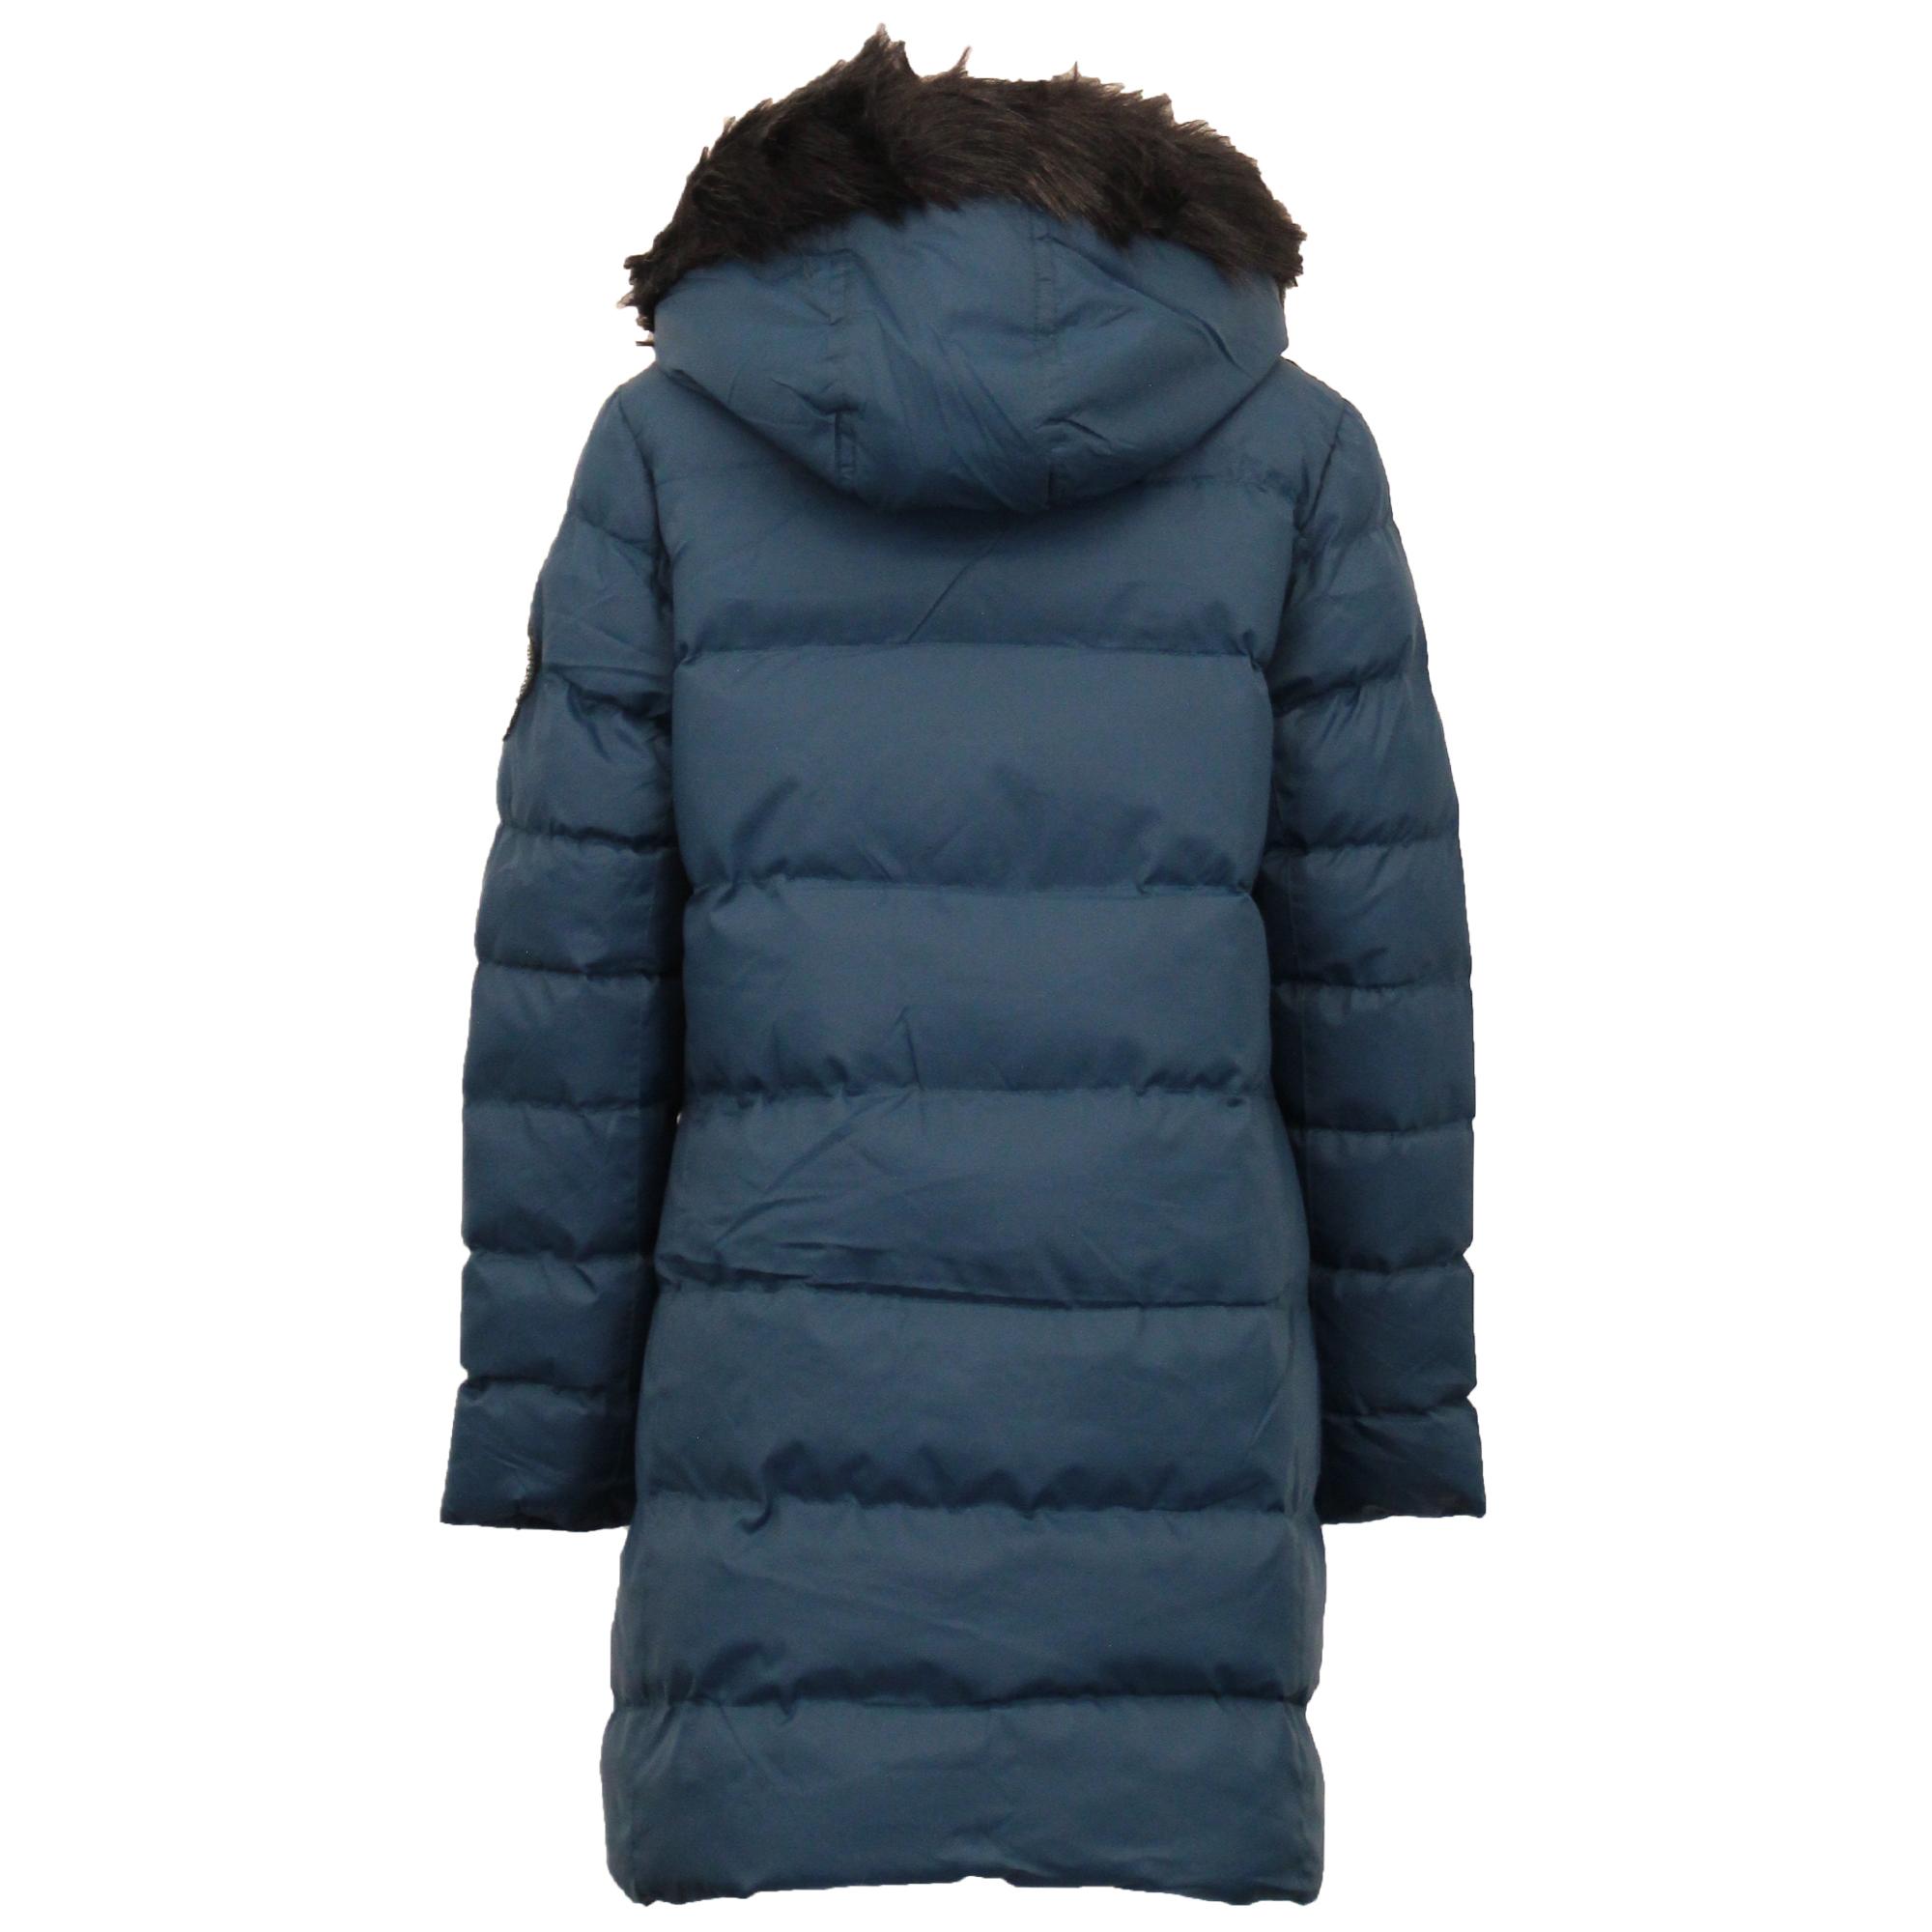 Le-ragazze-giacca-Lunga-Parka-BUBBLE-Brave-Soul-Bambini-Felpa-Con-Cappuccio-Cappotto-Imbottito miniatura 10